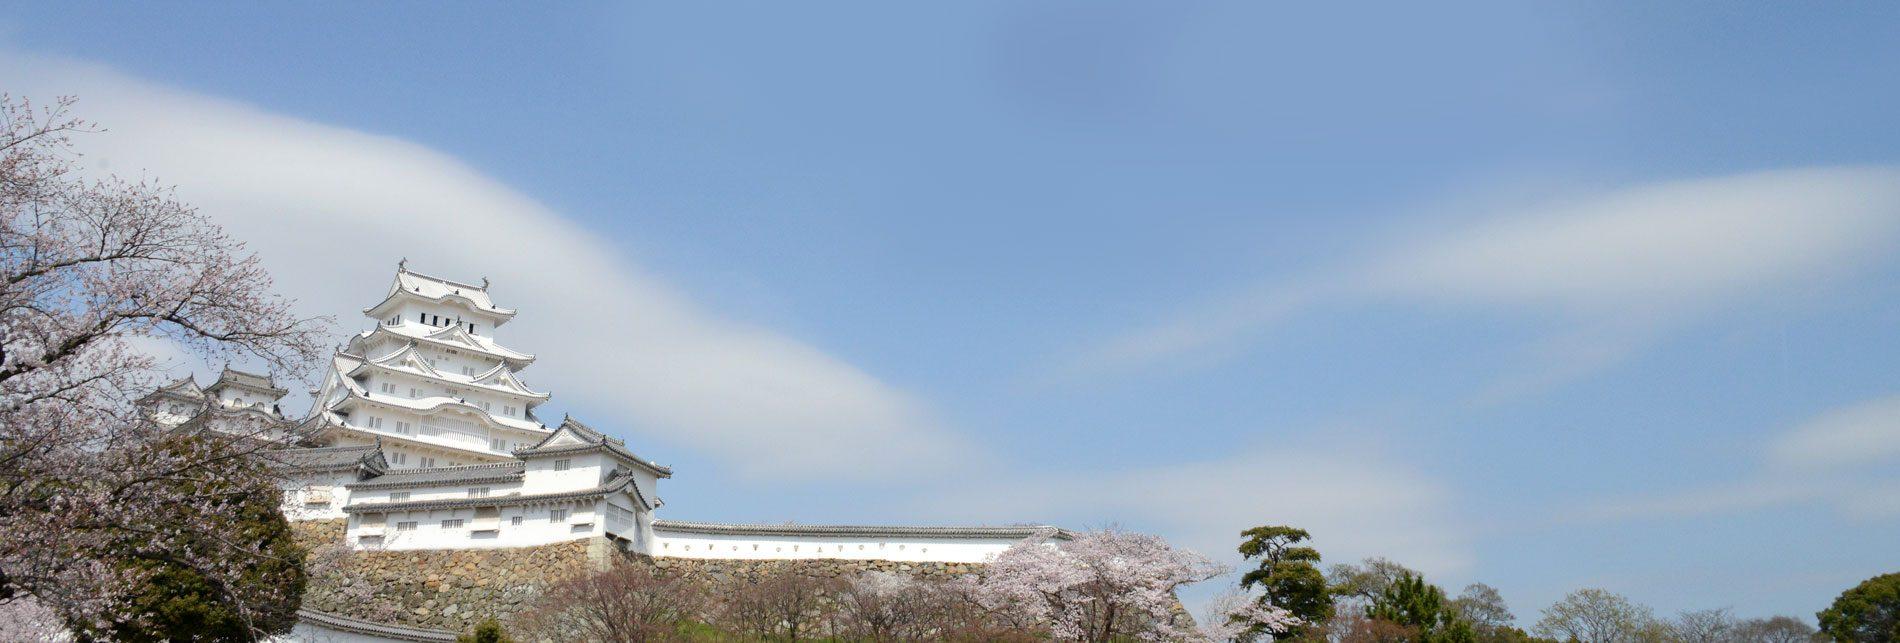 世界遺産姫路城に育まれた城下町、姫路。 <br> <br>当地で創業53年目(2016年)を迎えました 姫路の呉服 えり新 よりお届けいたします。